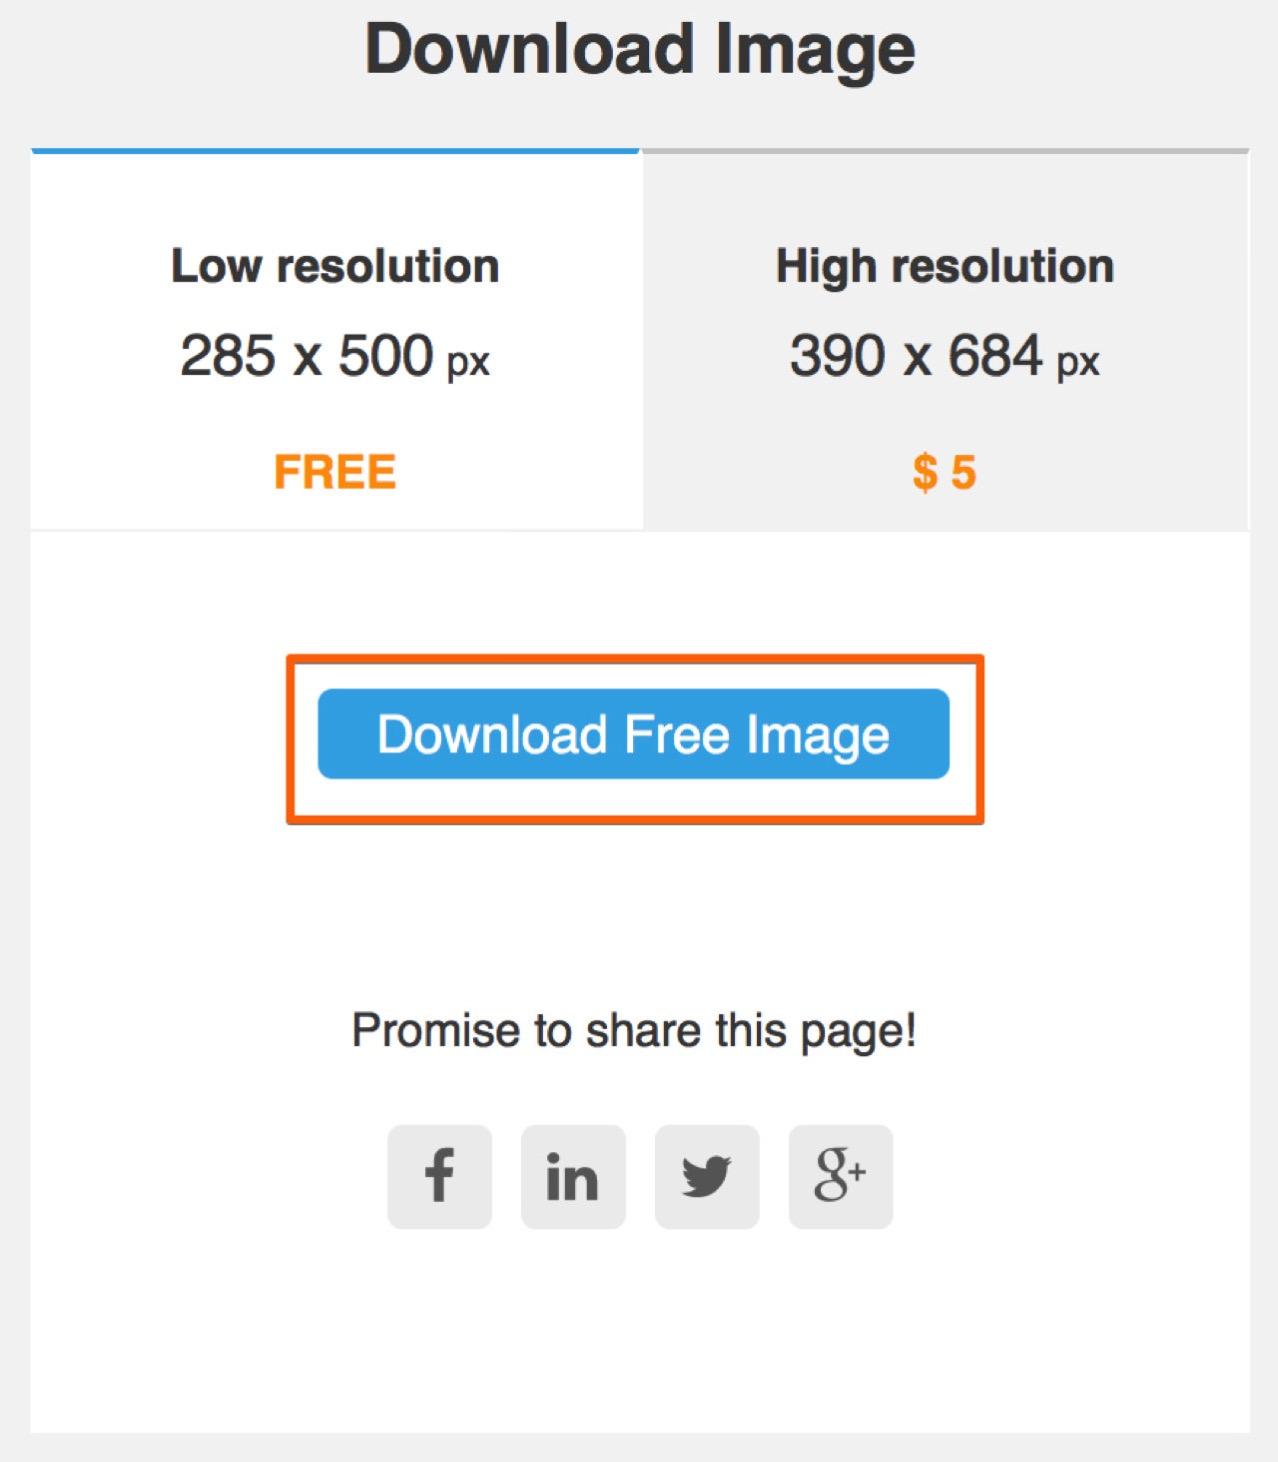 低解像度であれば無料でダウンロード可能